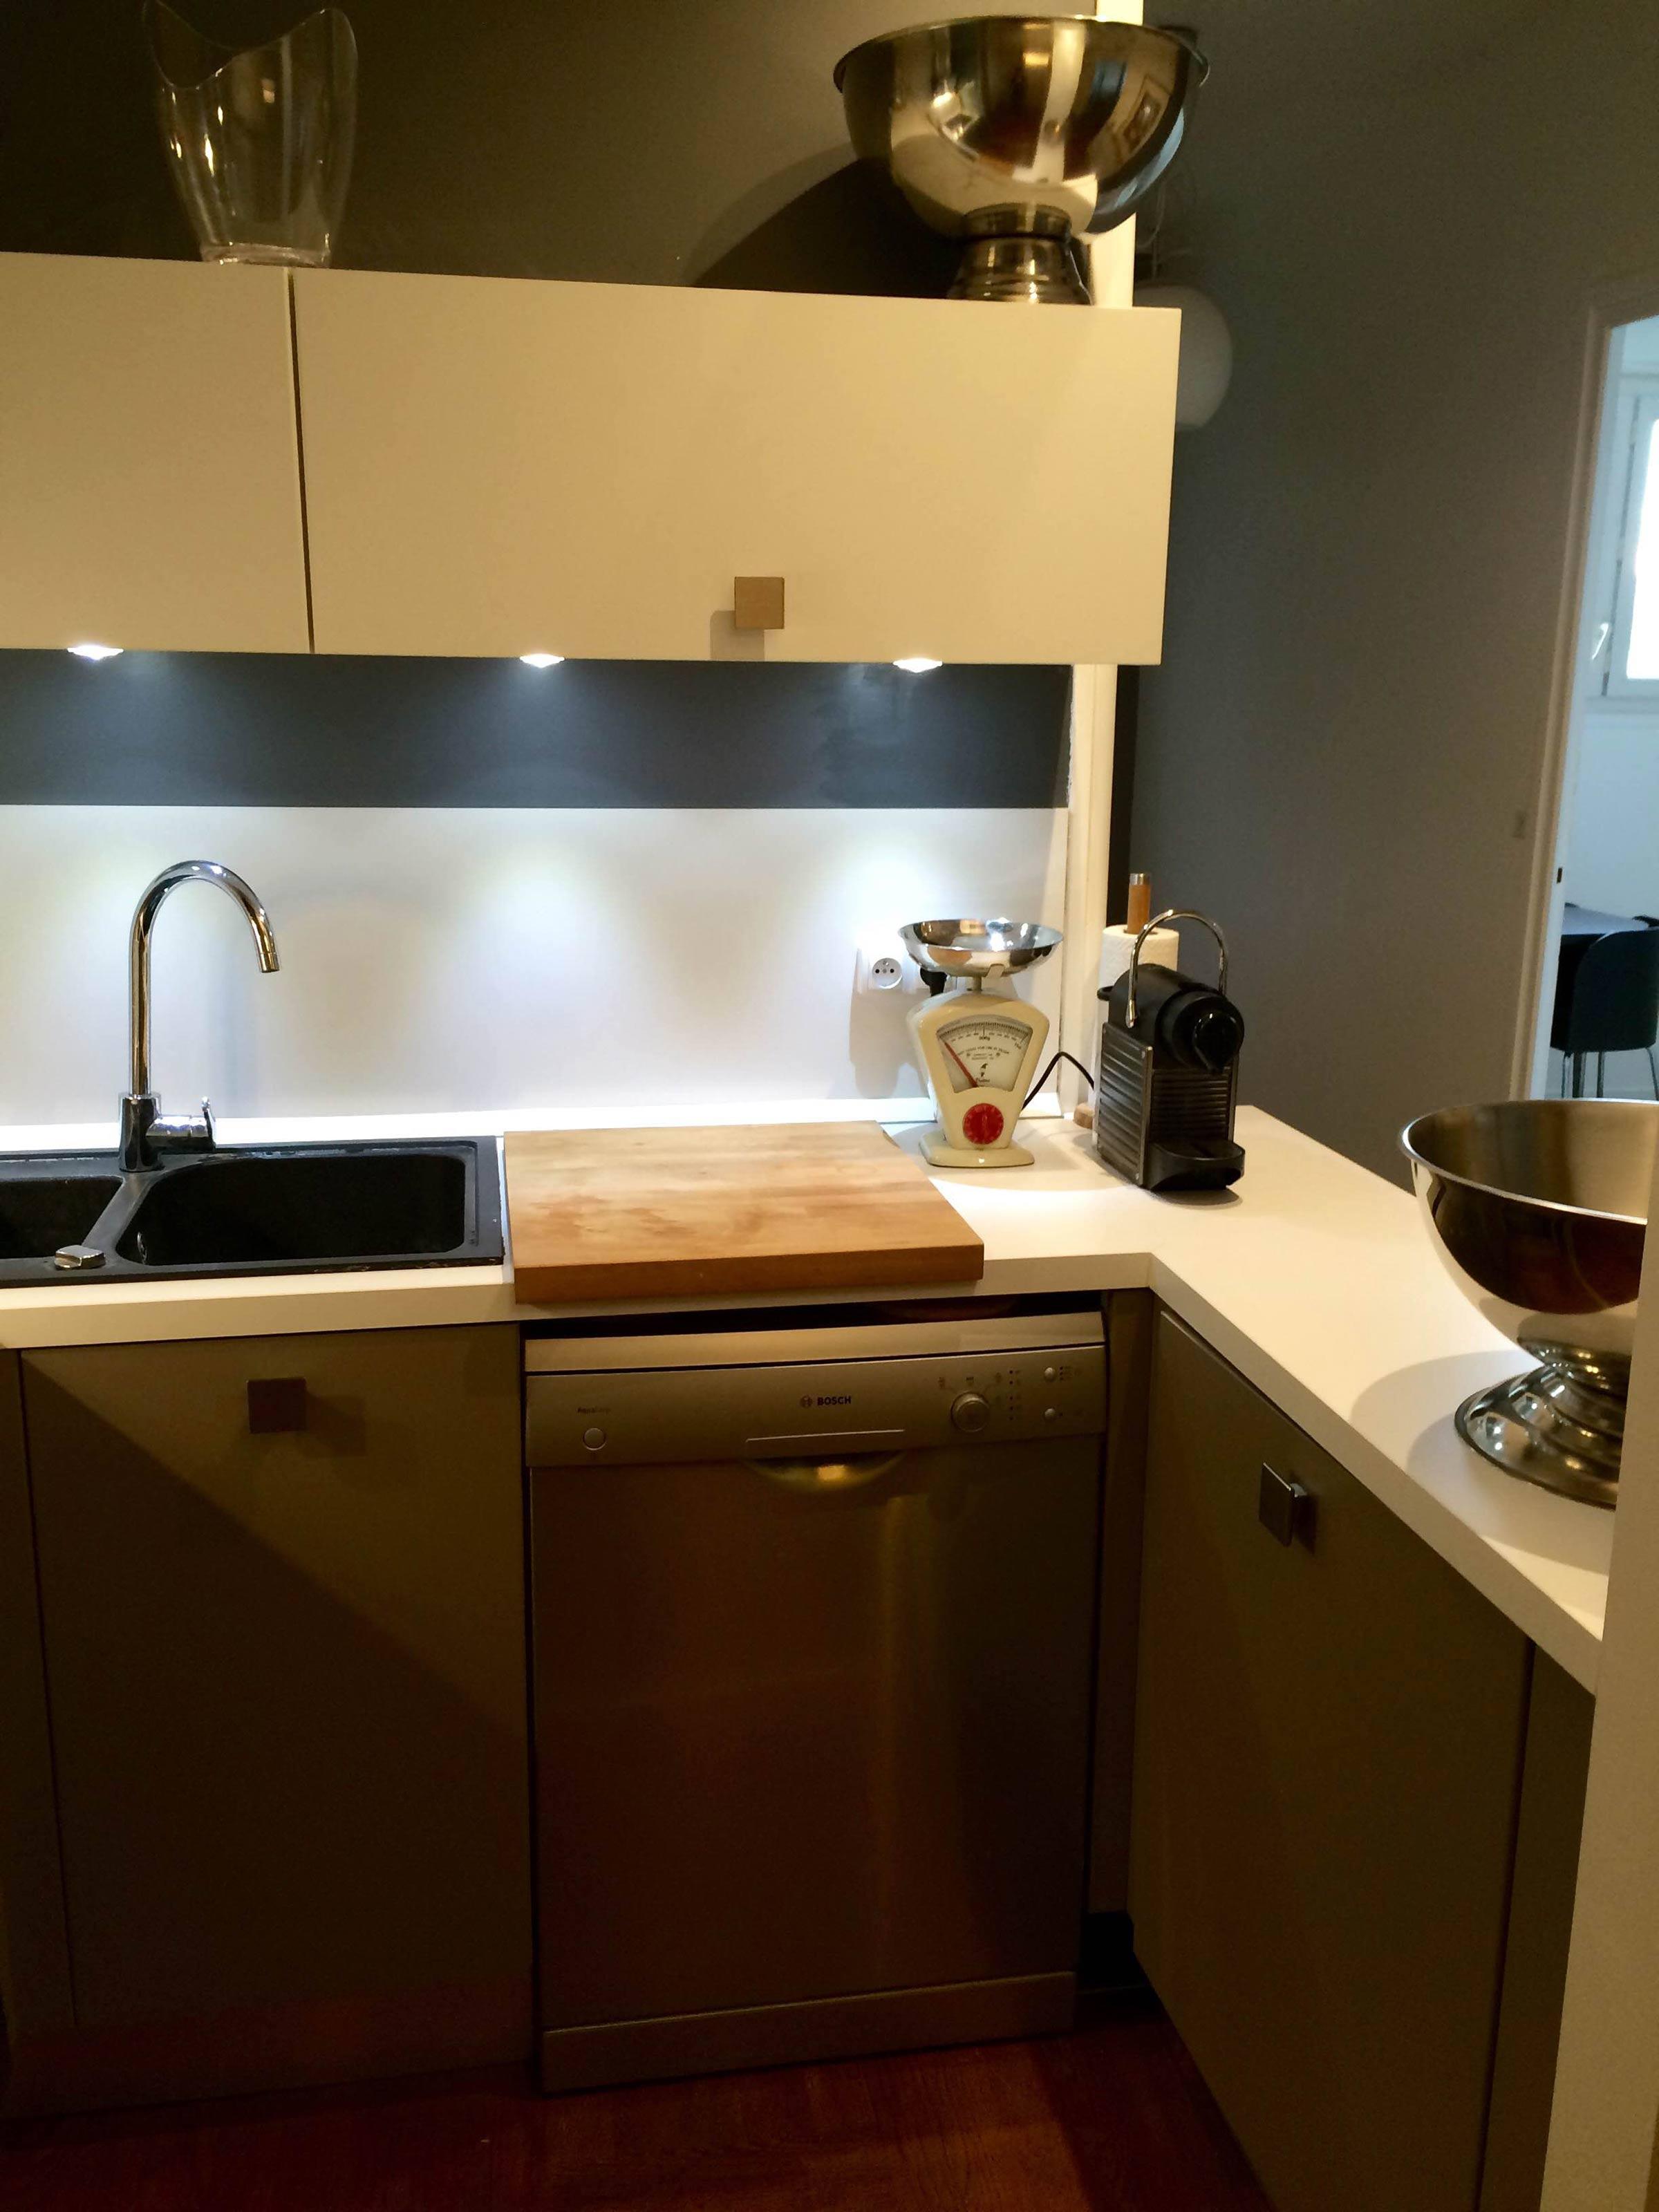 Cr ation cuisine dans un petit espace de 4m2 lyon for Creation cuisine